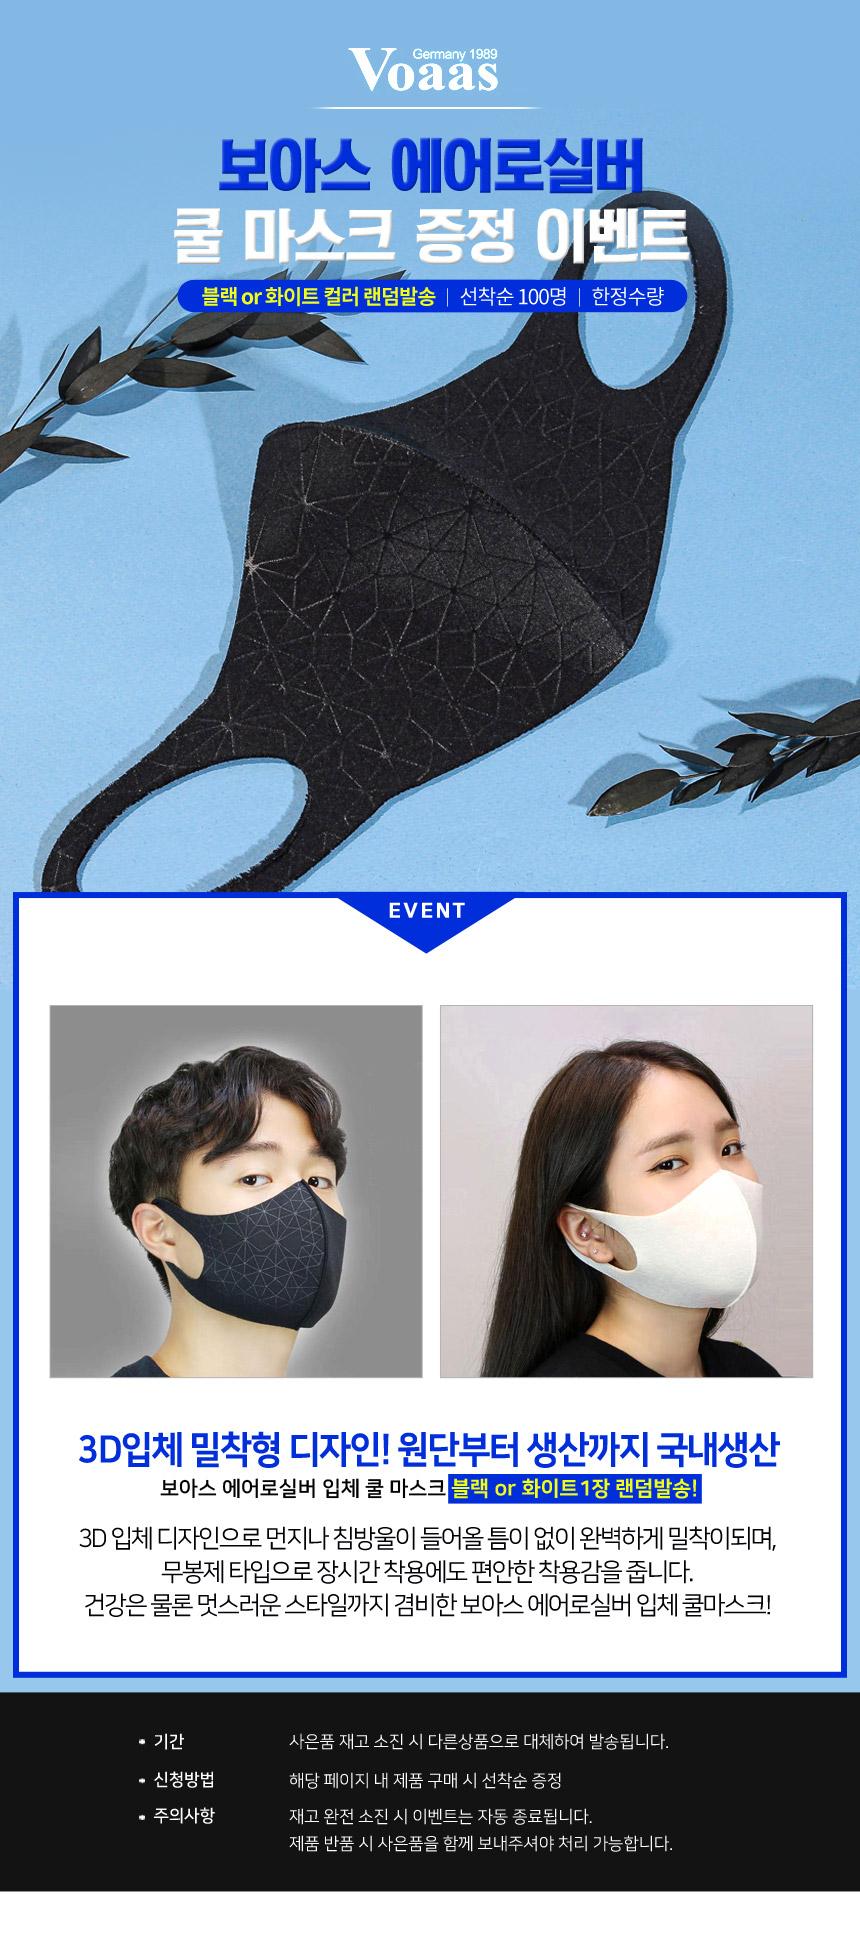 voaas_cool_mask_gift_20.jpg